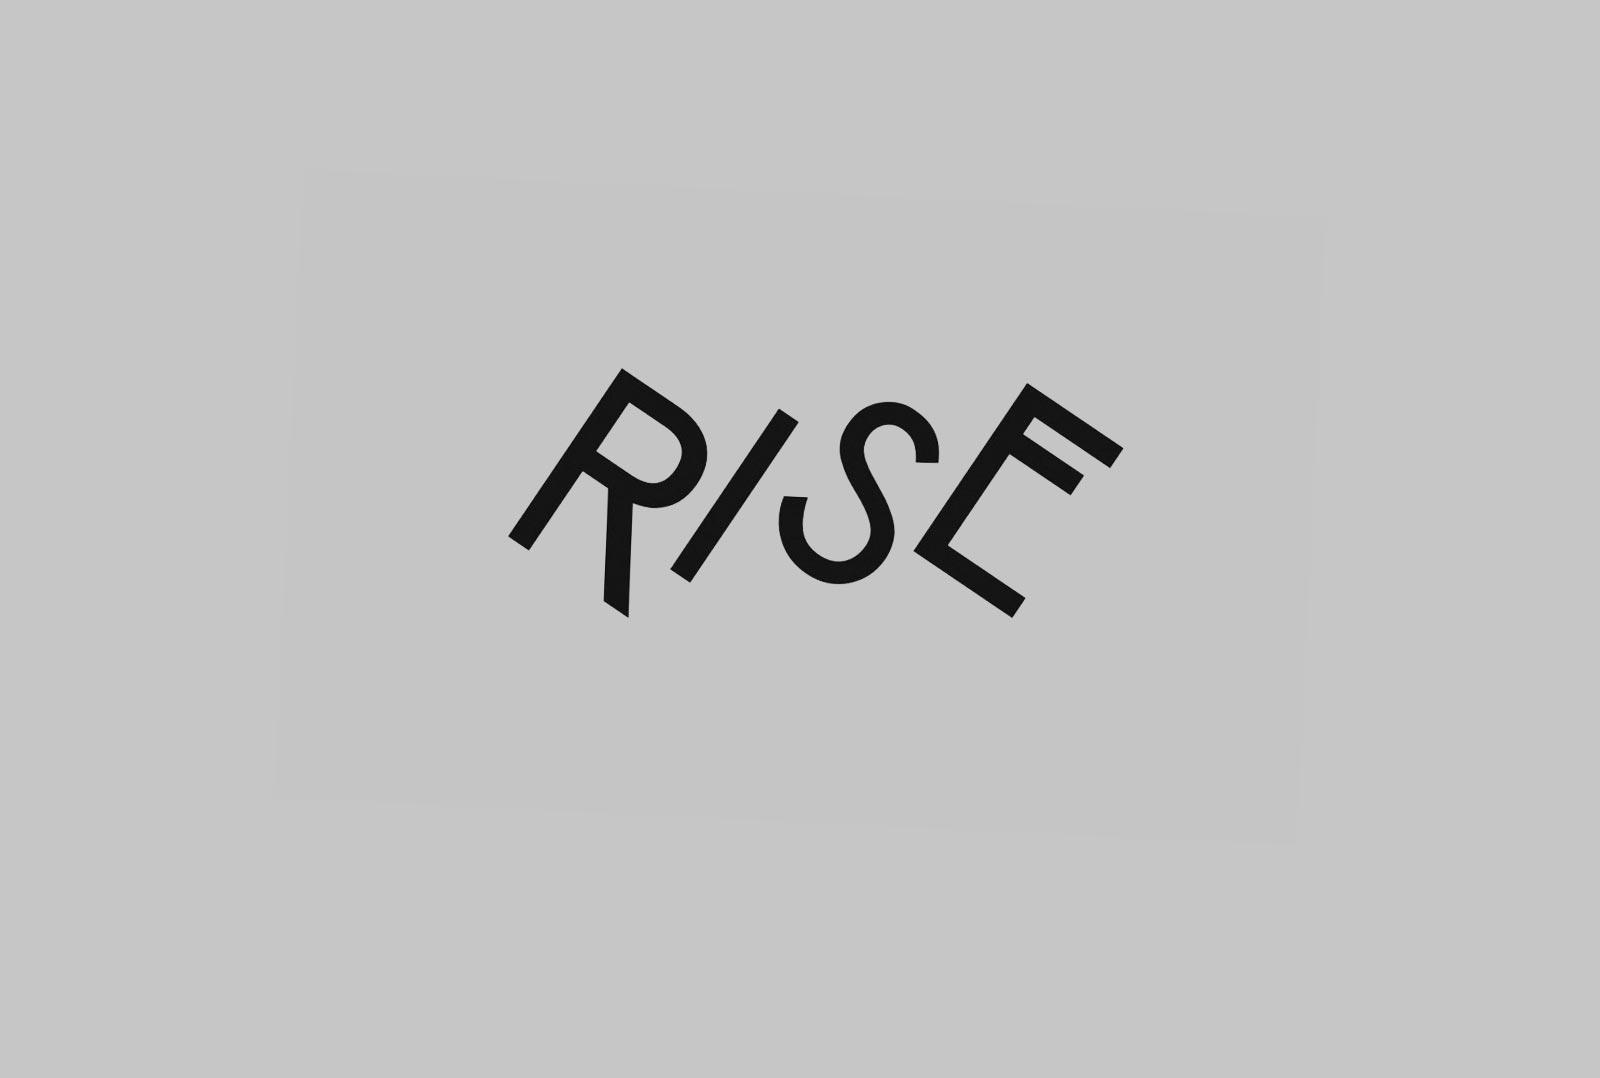 rise_n